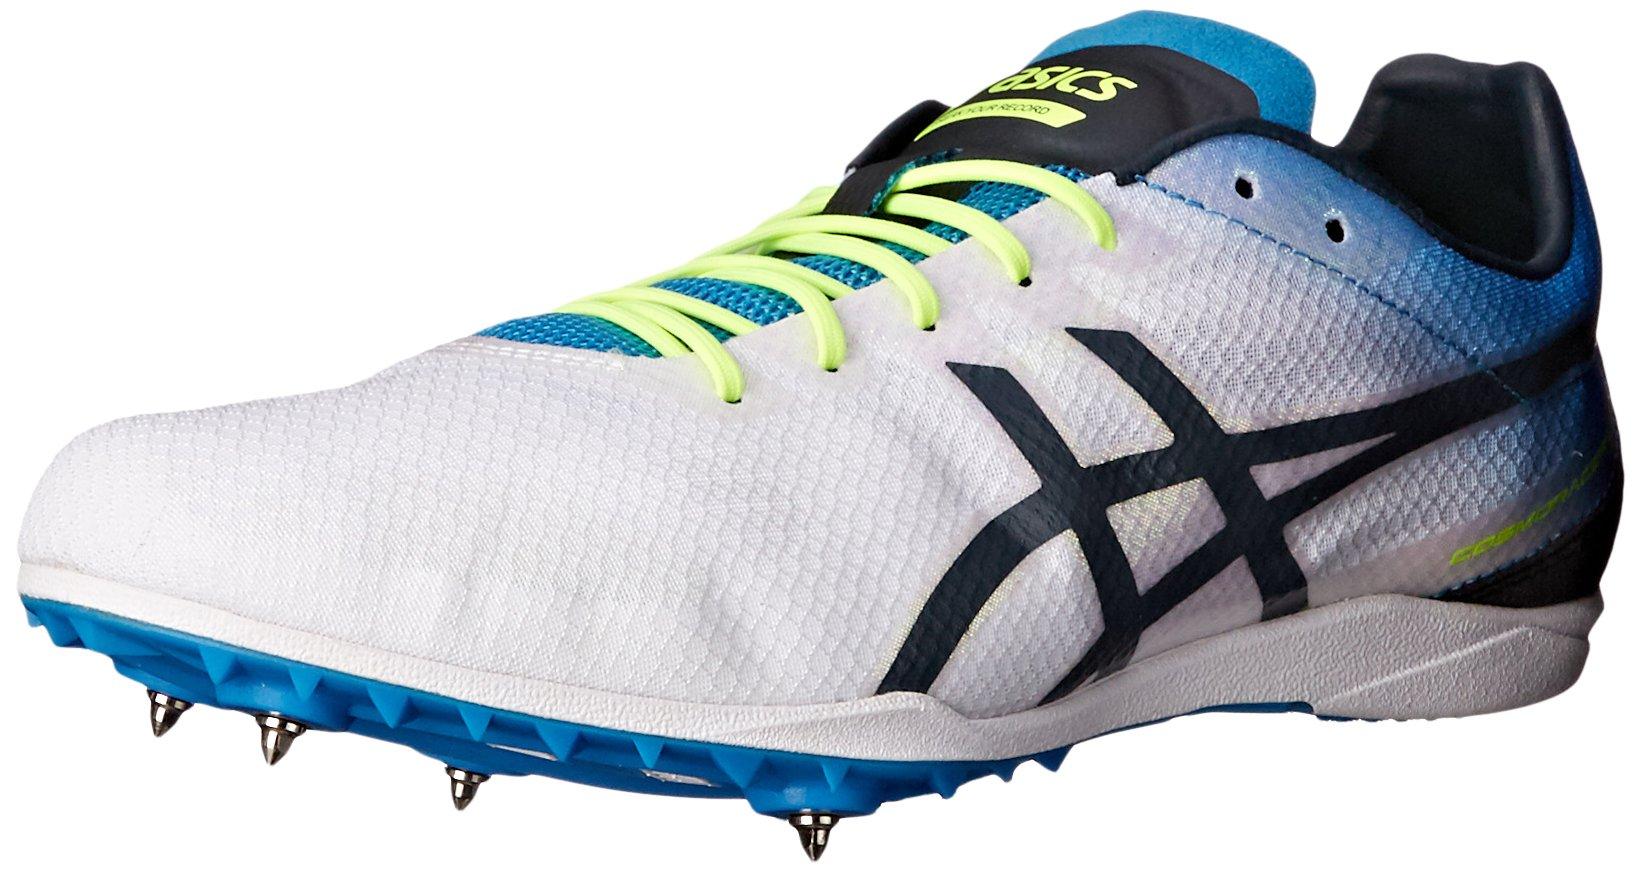 ASICS Men's Cosmoracer LD Track Shoe, White/Methyl Blue/Dark Slate, 8.5 M US by ASICS